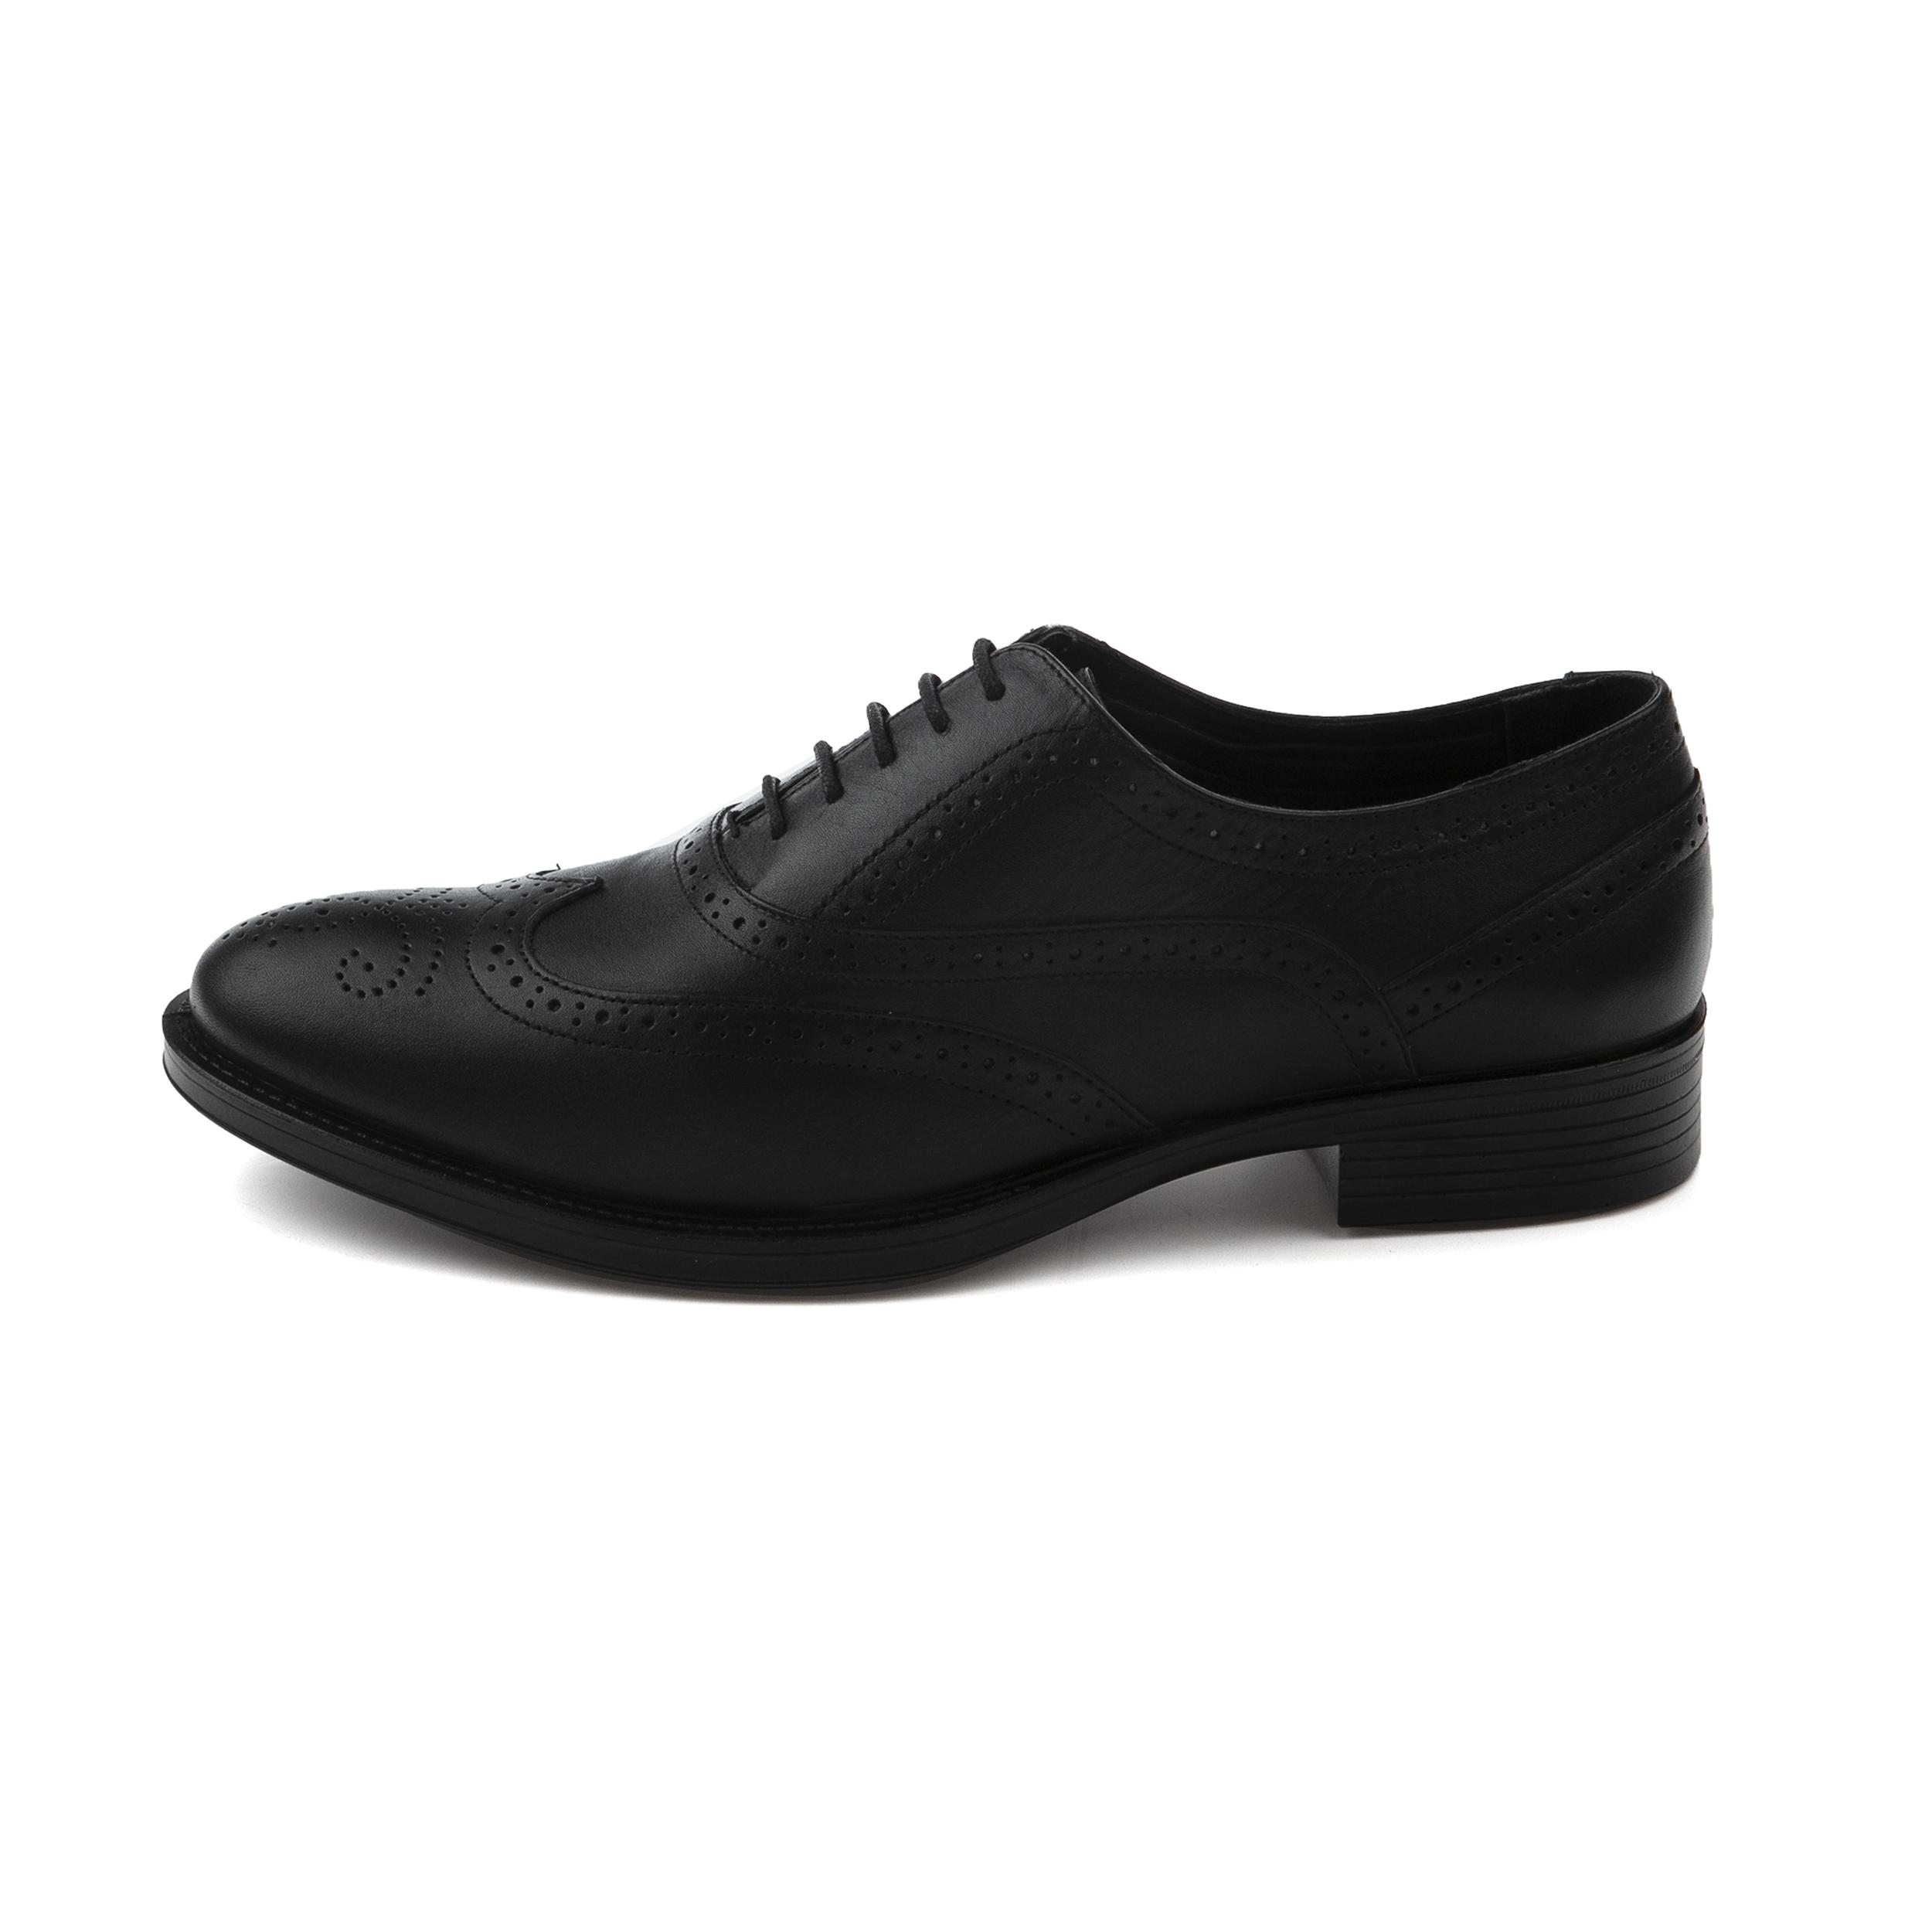 کفش مردانه دنیلی مدل Abtin-201070451001